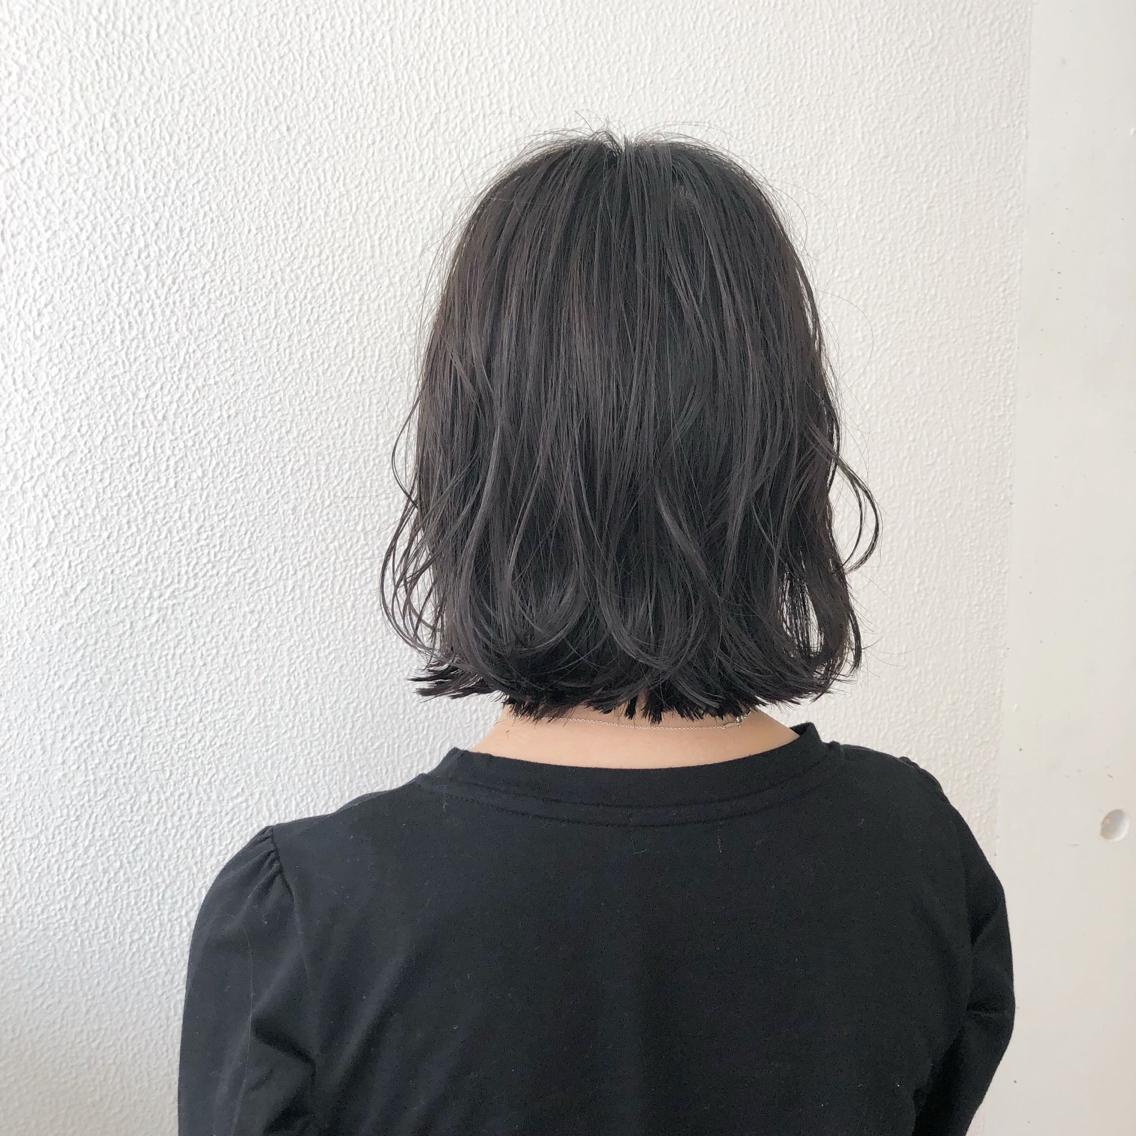 #ショート #カラー #パーマ #ヘアアレンジ 【ダークグレージュ×外ハネボブ】  Instagramにもヘアスタイル載せてますので是非♪♪  https://instagram.com/yuuki_matsui_/